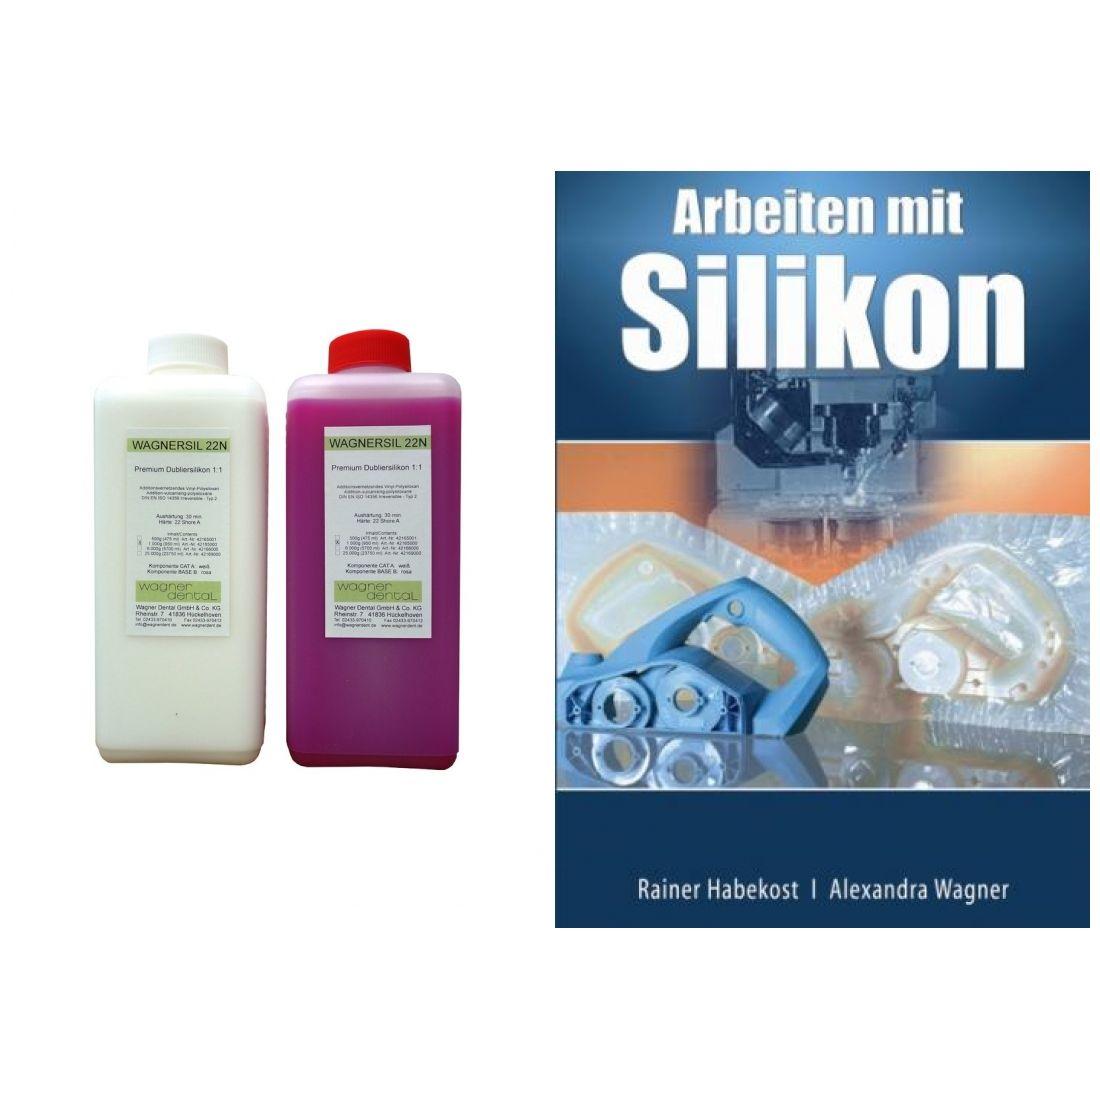 Wagnersil Premium 22 N rosa Shore 22 EFZ 30 min 1:1 im Set mit Buch Arbeiten Silikon von Rainer Habe